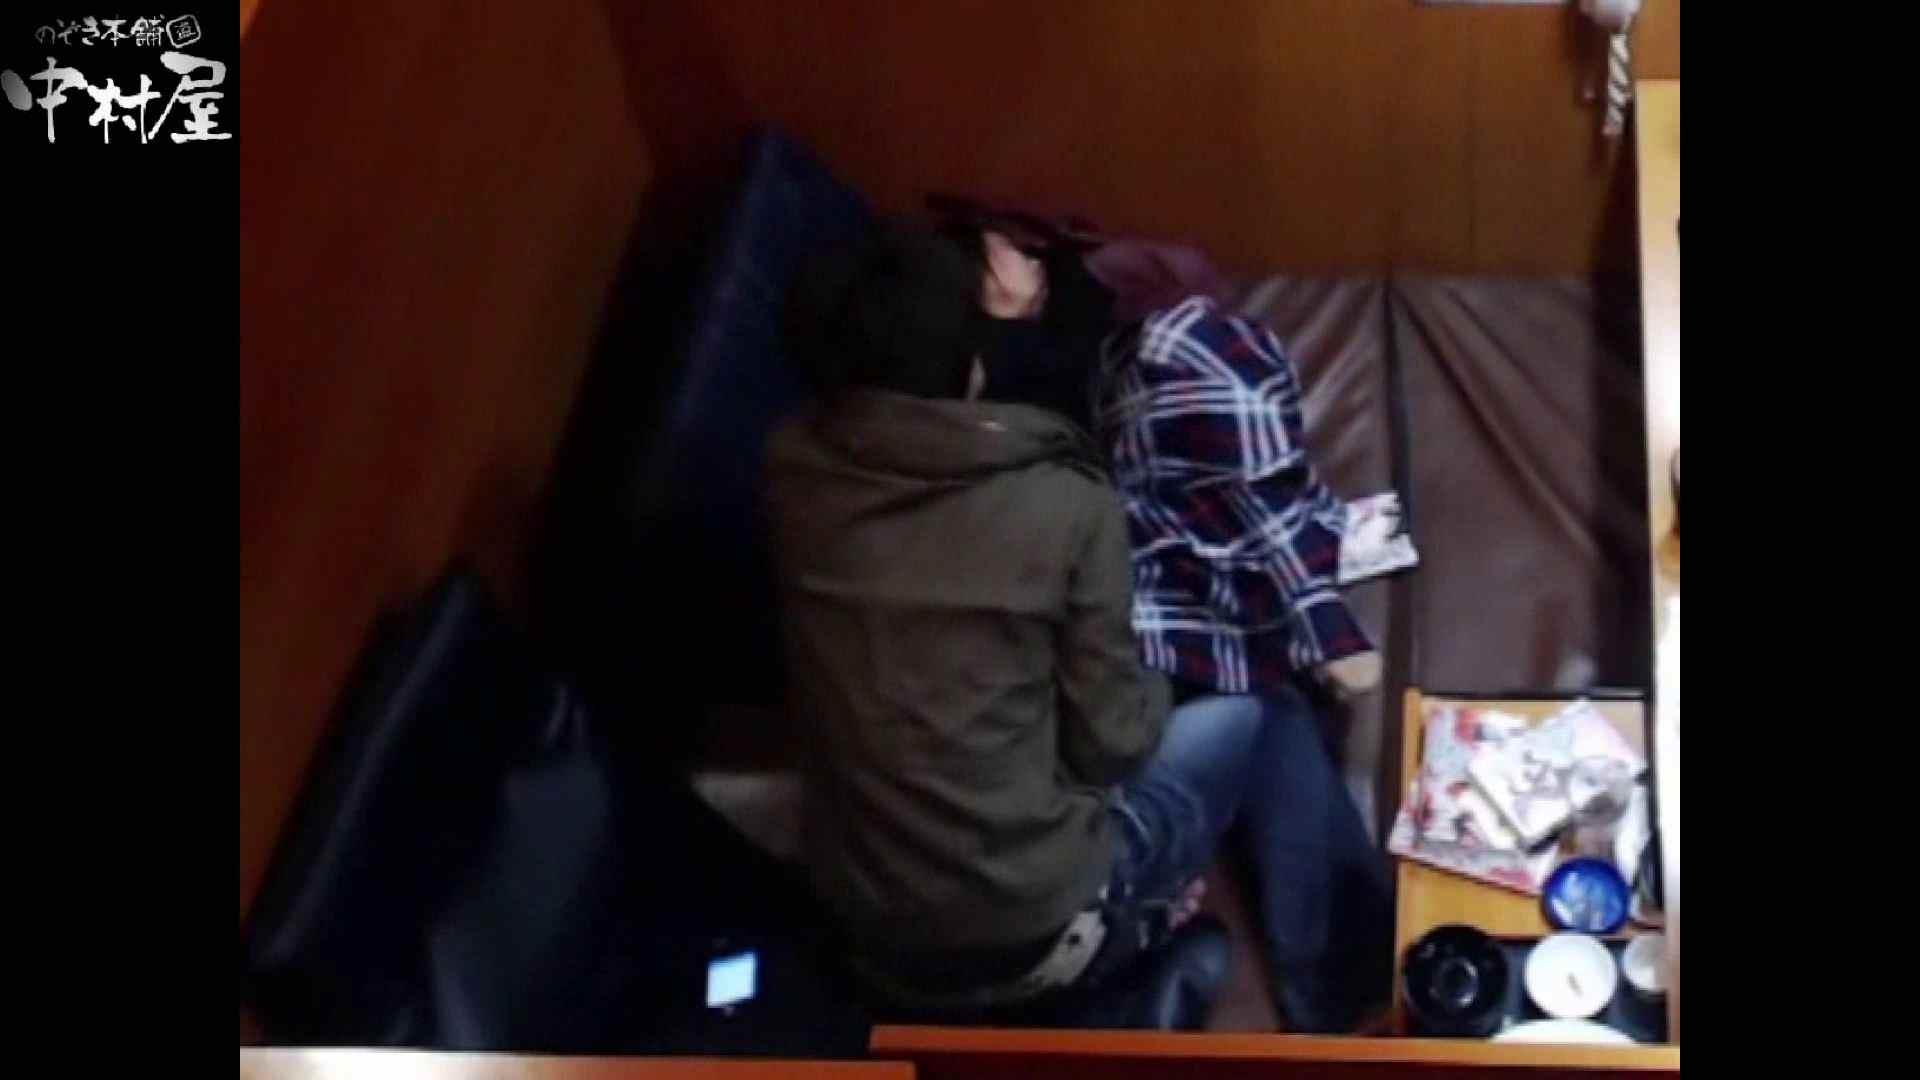 ネットカフェ盗撮師トロントさんの 素人カップル盗撮記vol.4 ギャルの下半身 盗撮動画紹介 102連発 97